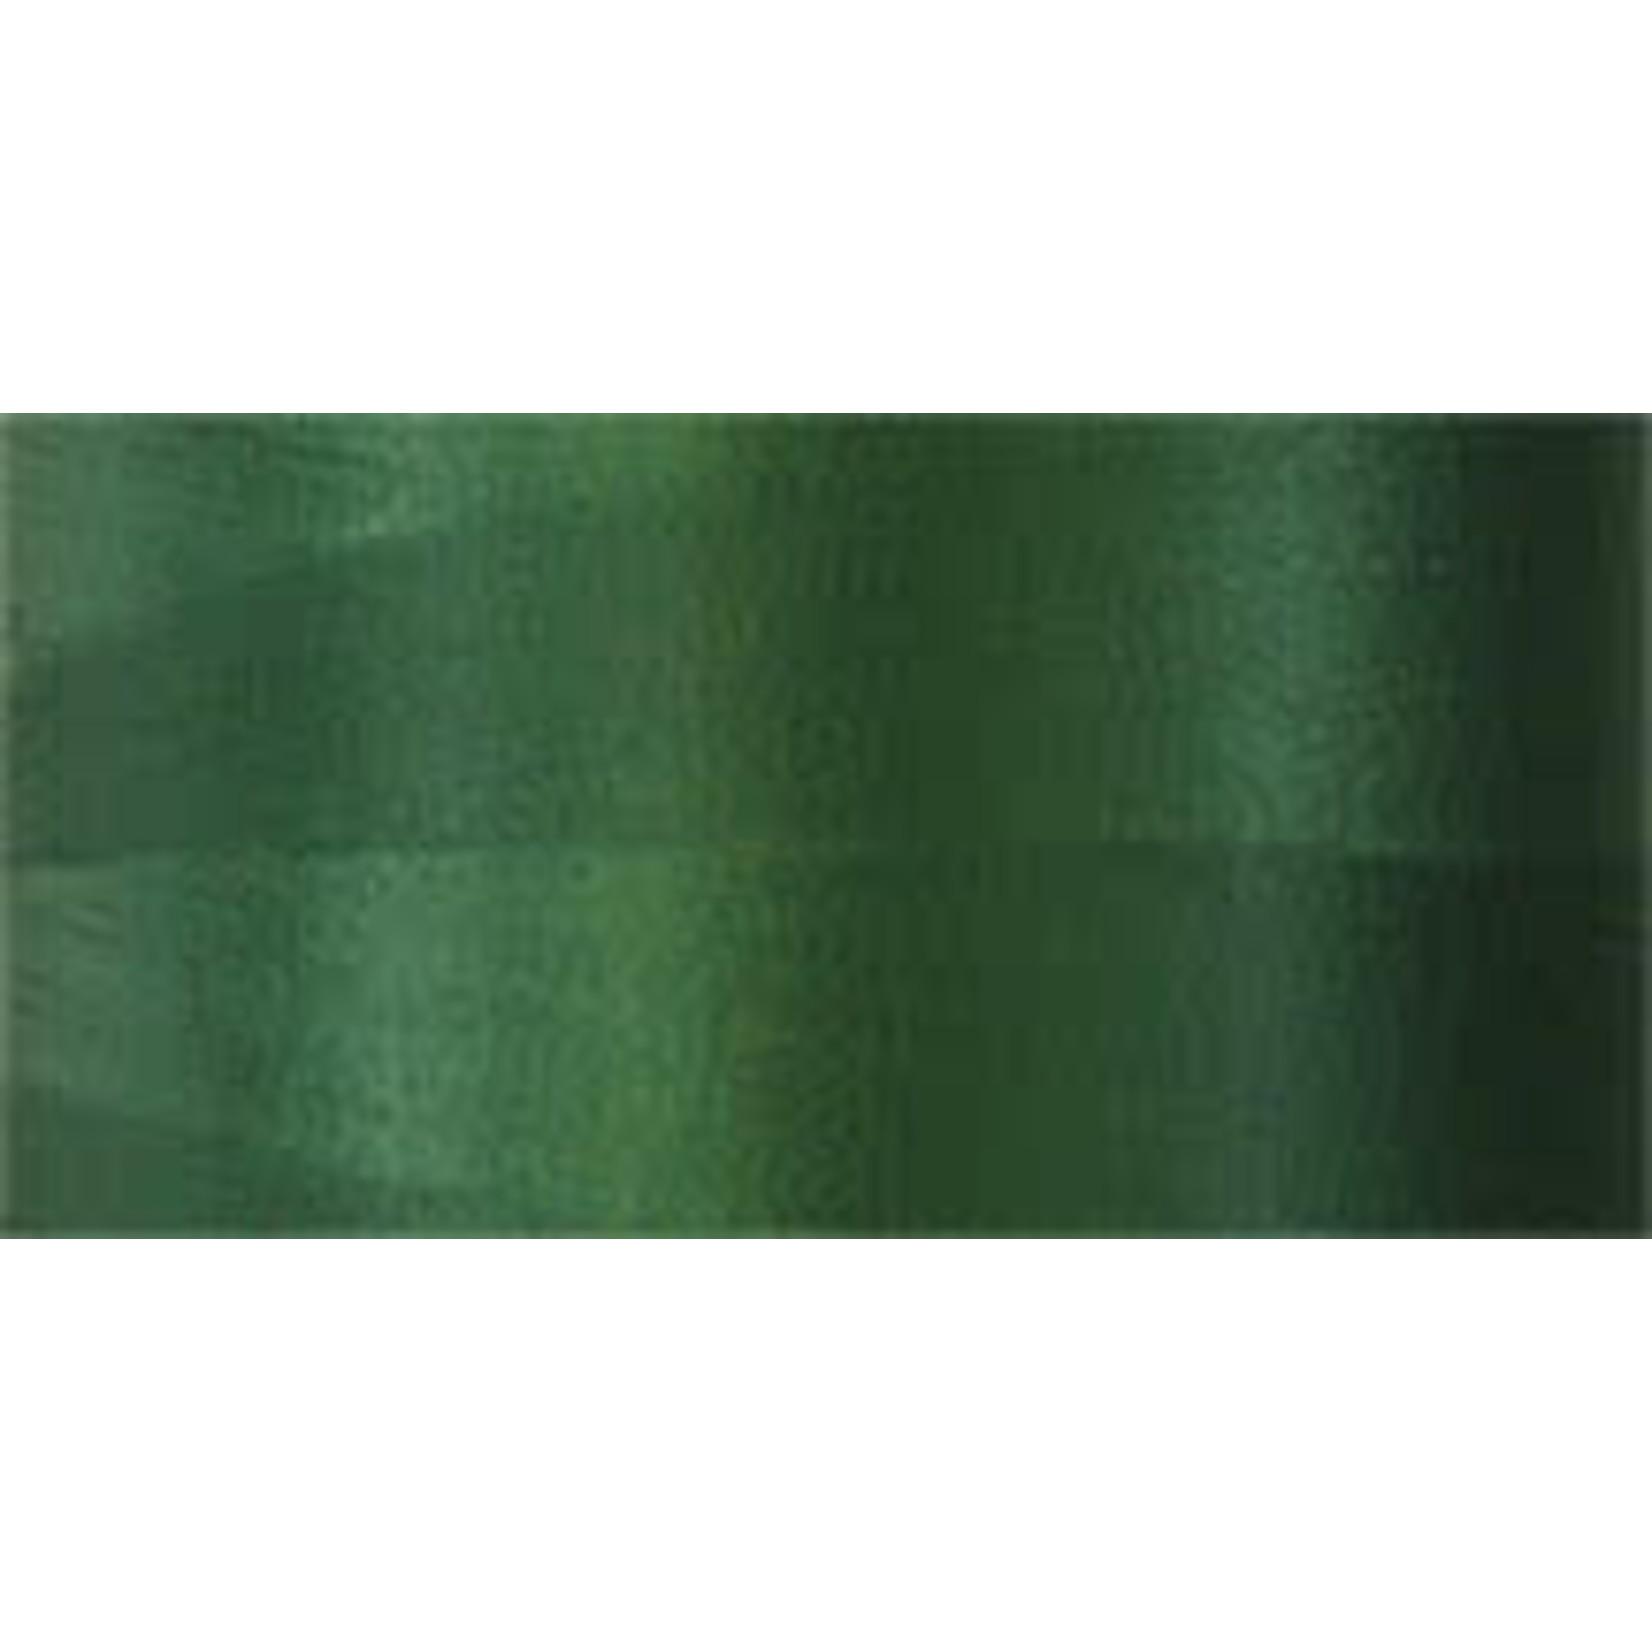 Superior Threads Bottom Line - #60 - 1300 m - 612 Green